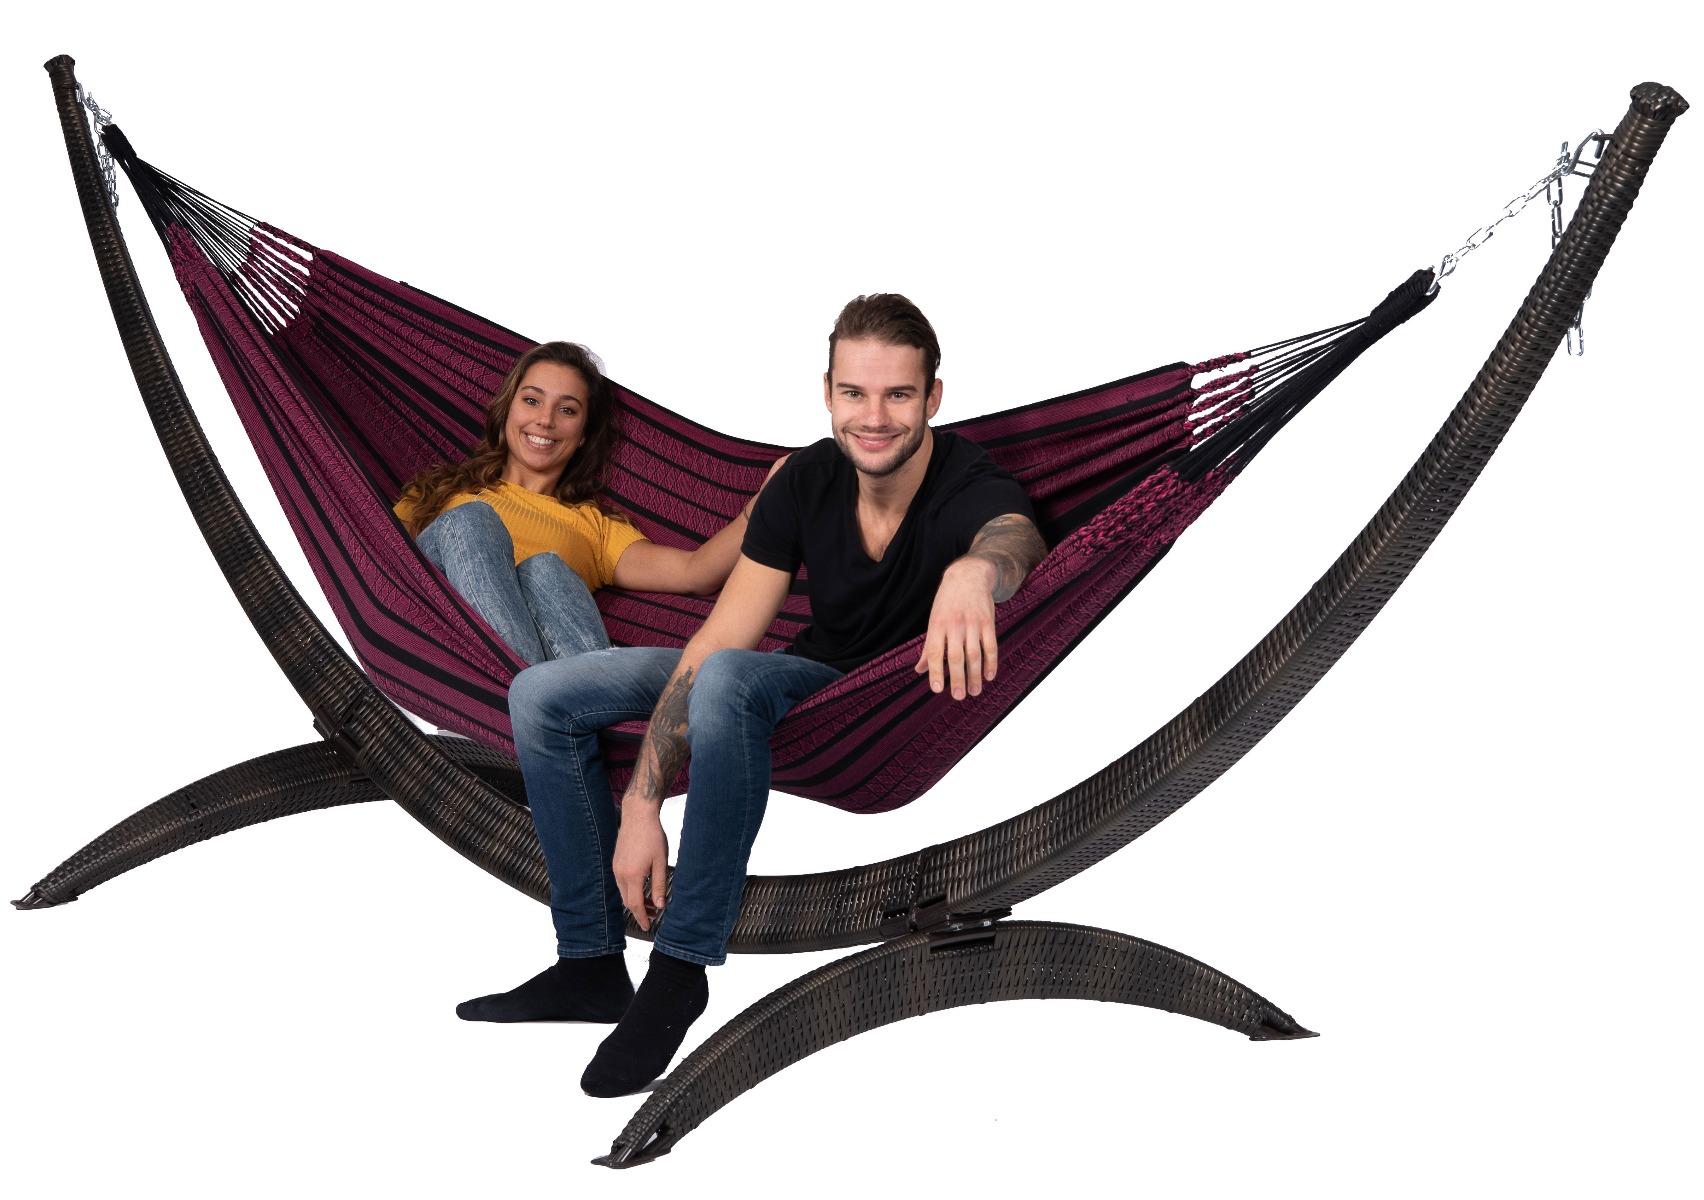 Hangmat met Standaard Familie 'Wicker & Black Edition' Rose